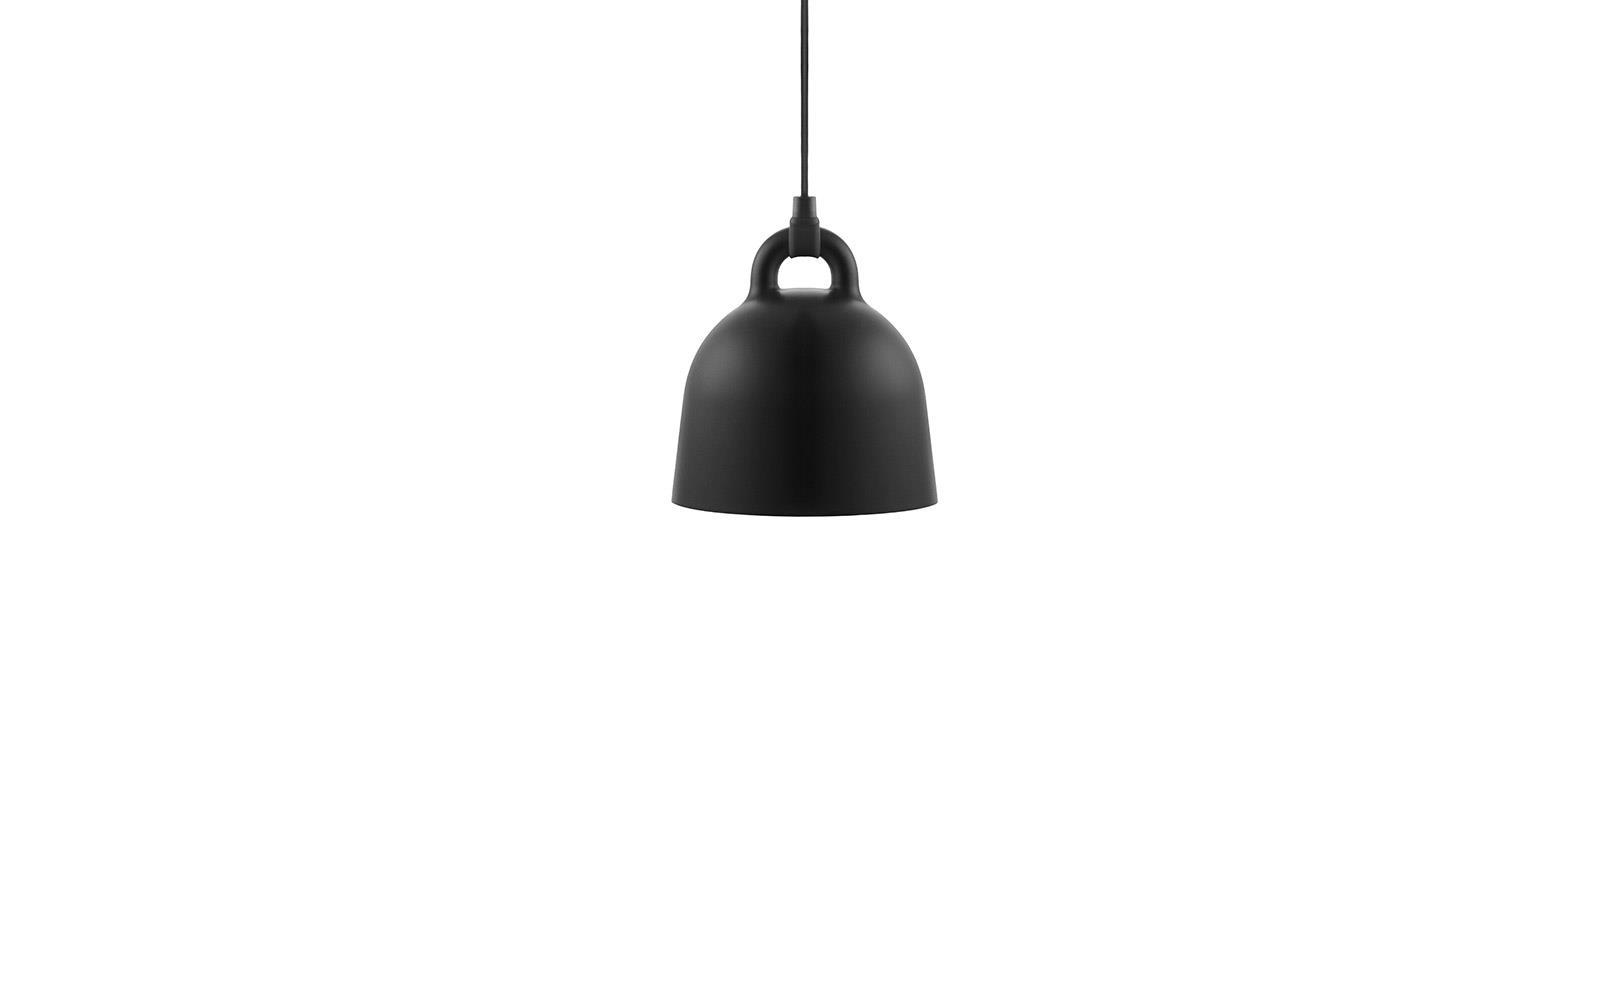 Ryddig Bell Lampe x-klein – eine minimalistische Hängelampe GT-52